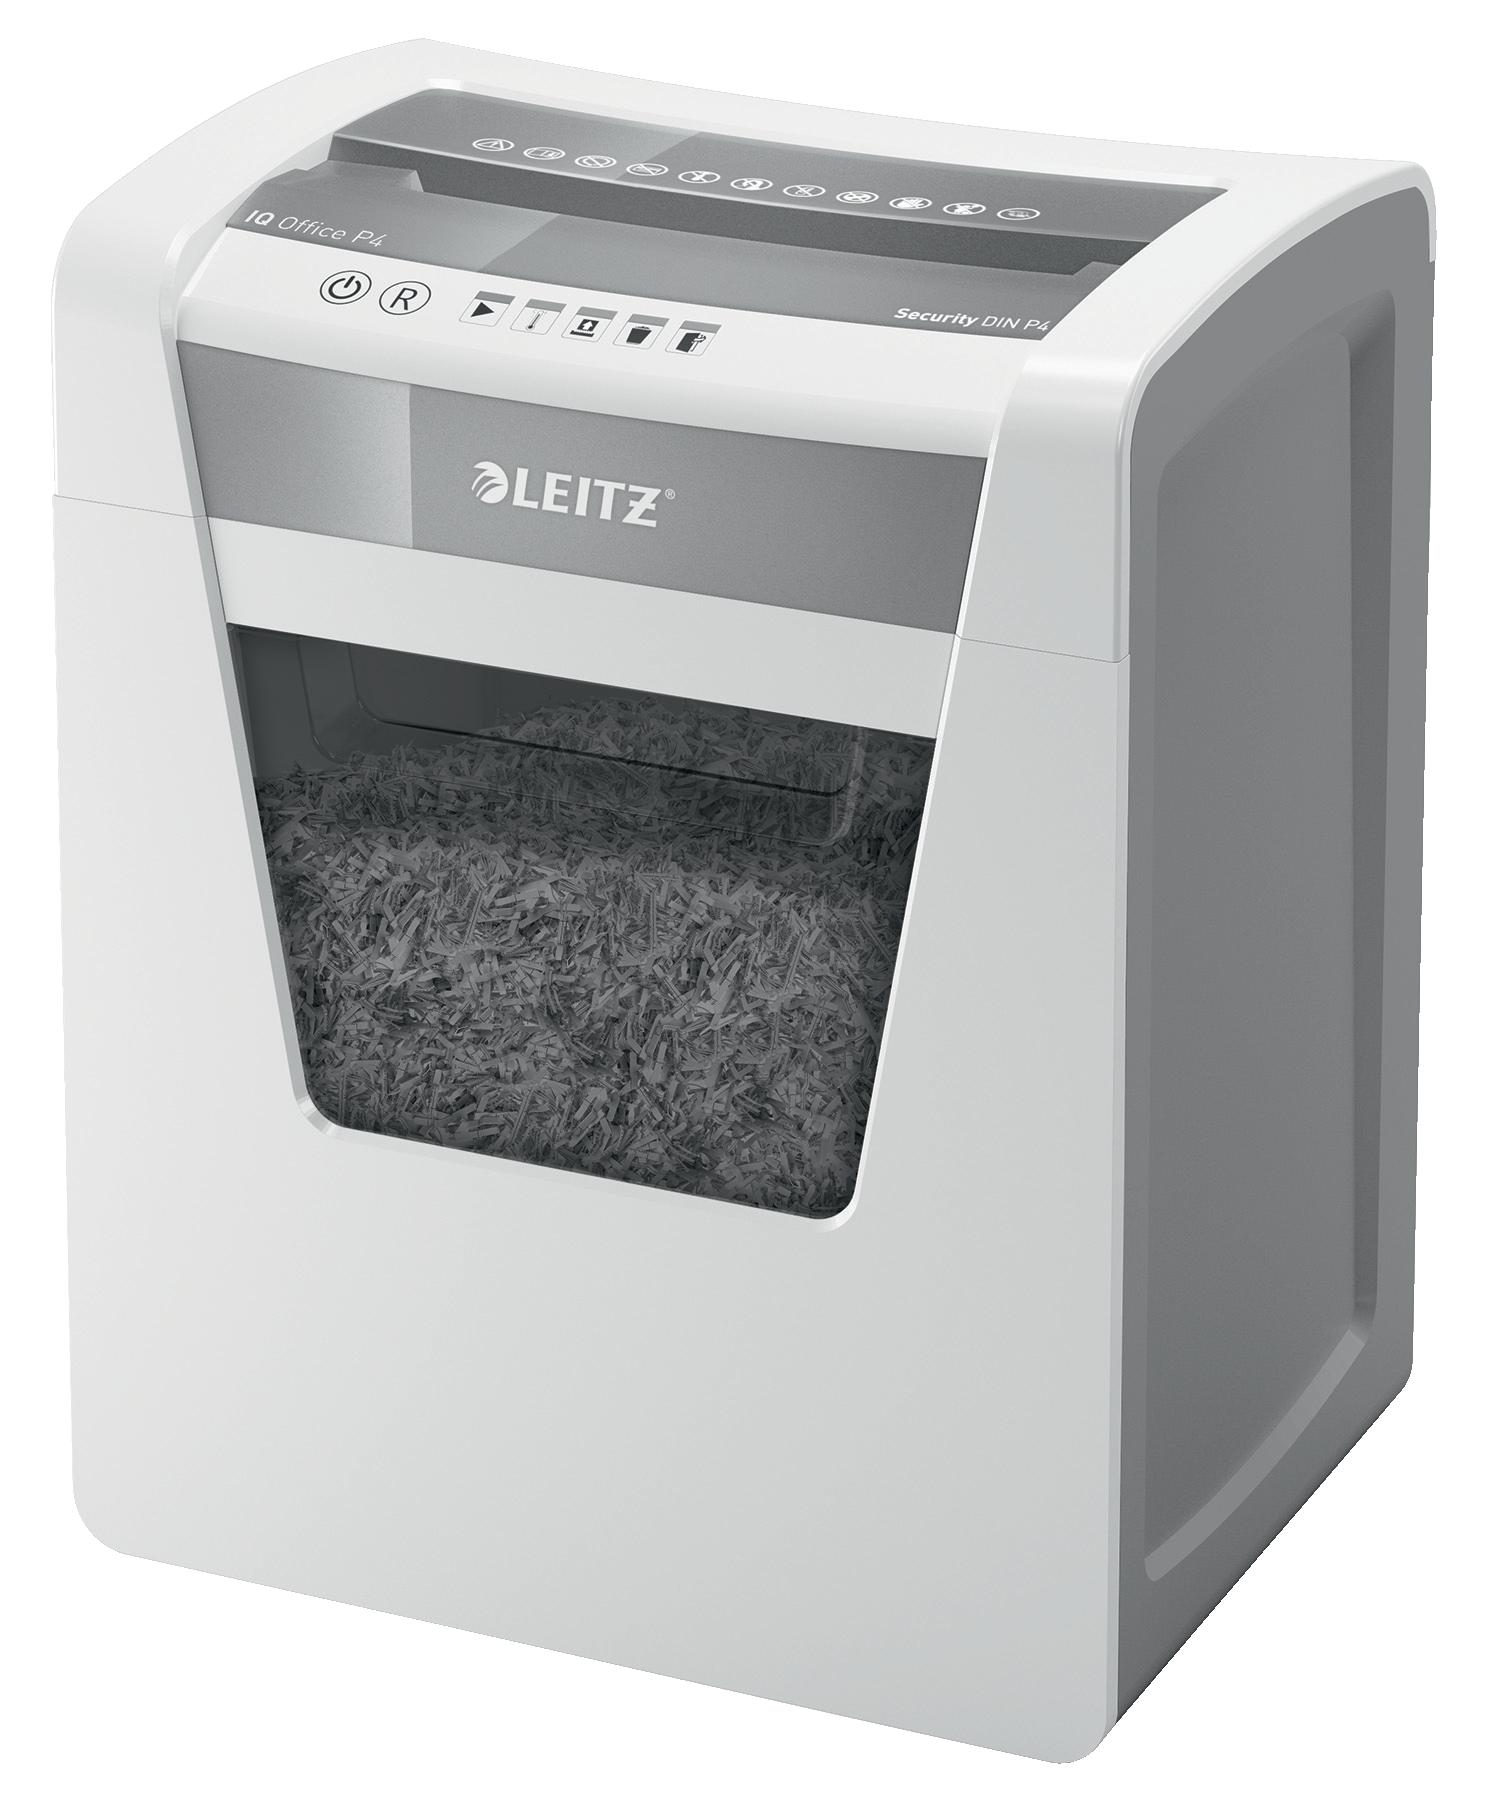 Leitz IQ Office Shredder DS